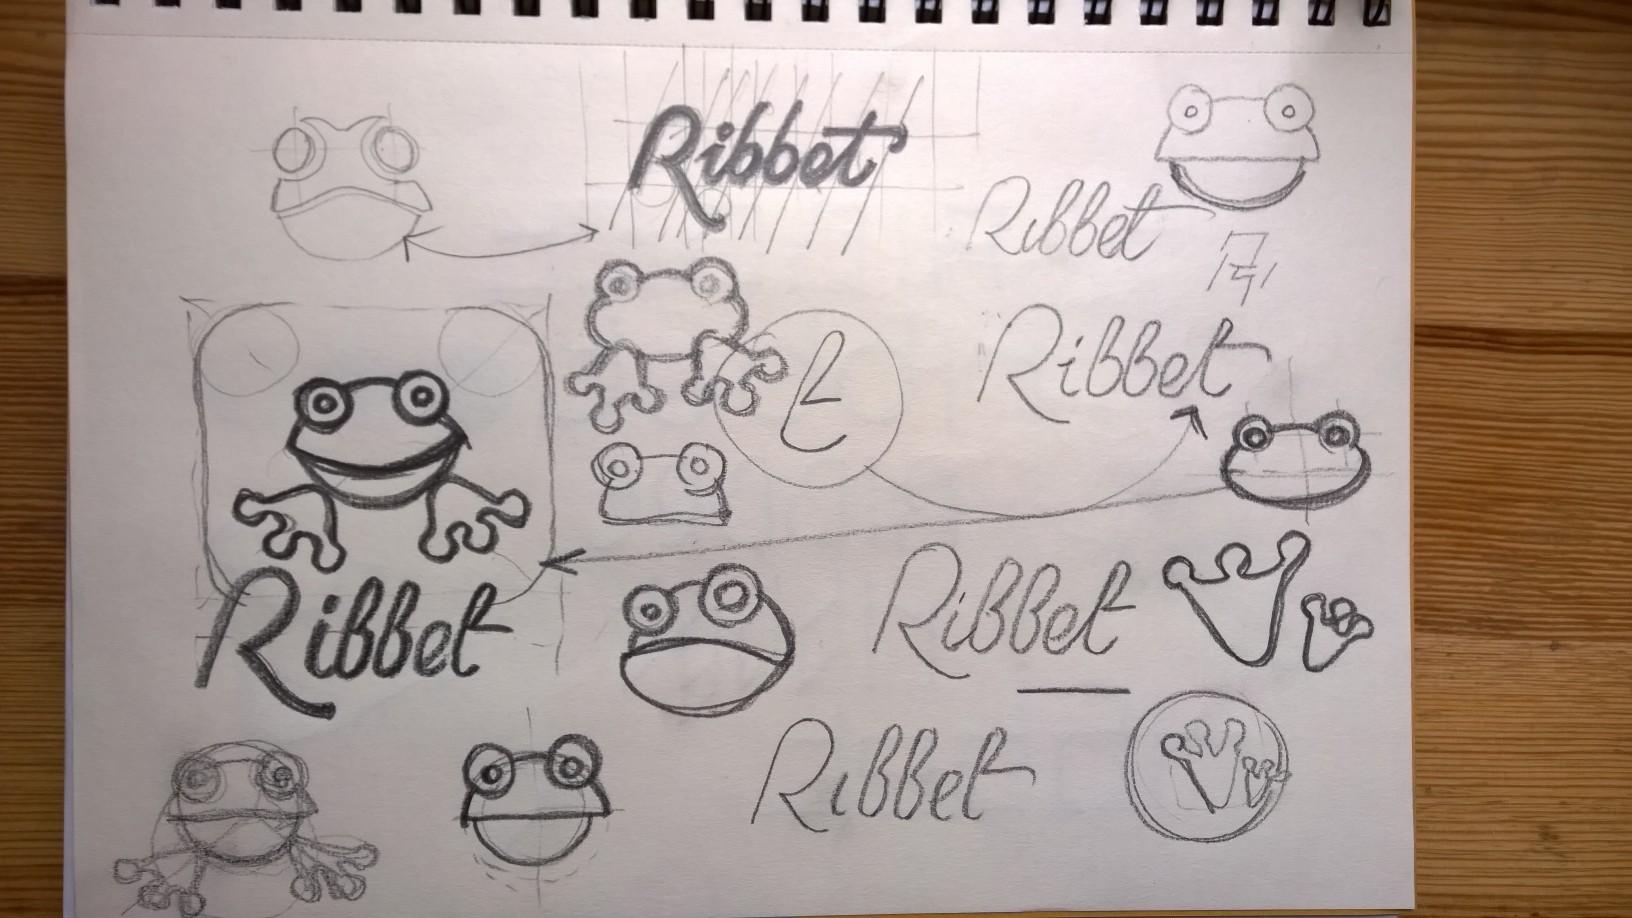 Pencil sketches for logo